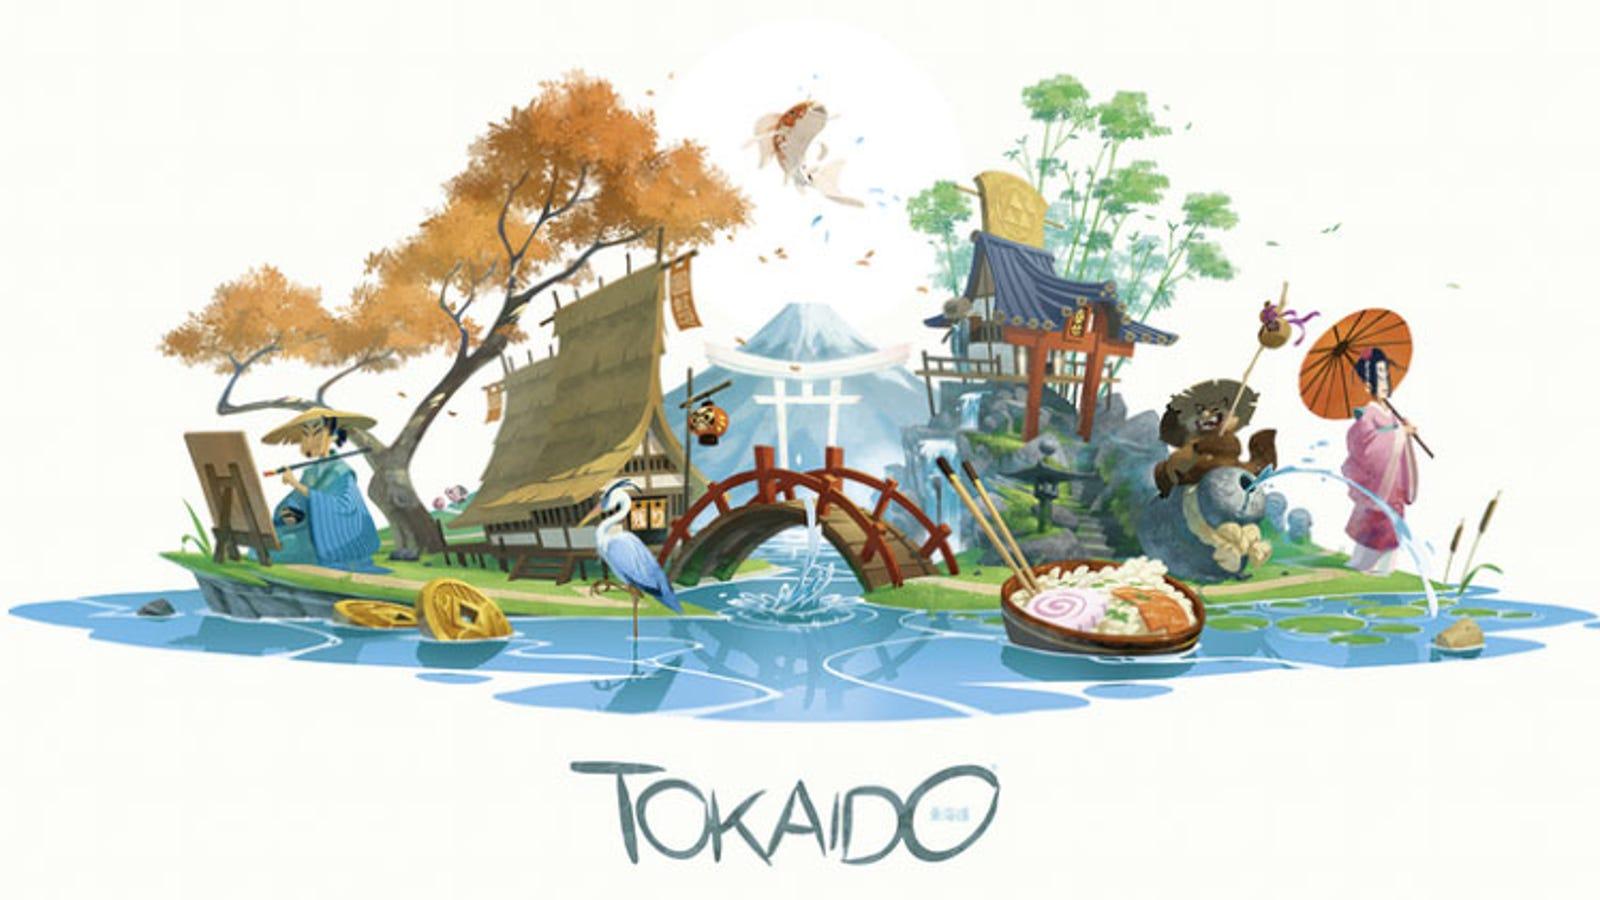 Tokaido Is A Beautiful Board Game image